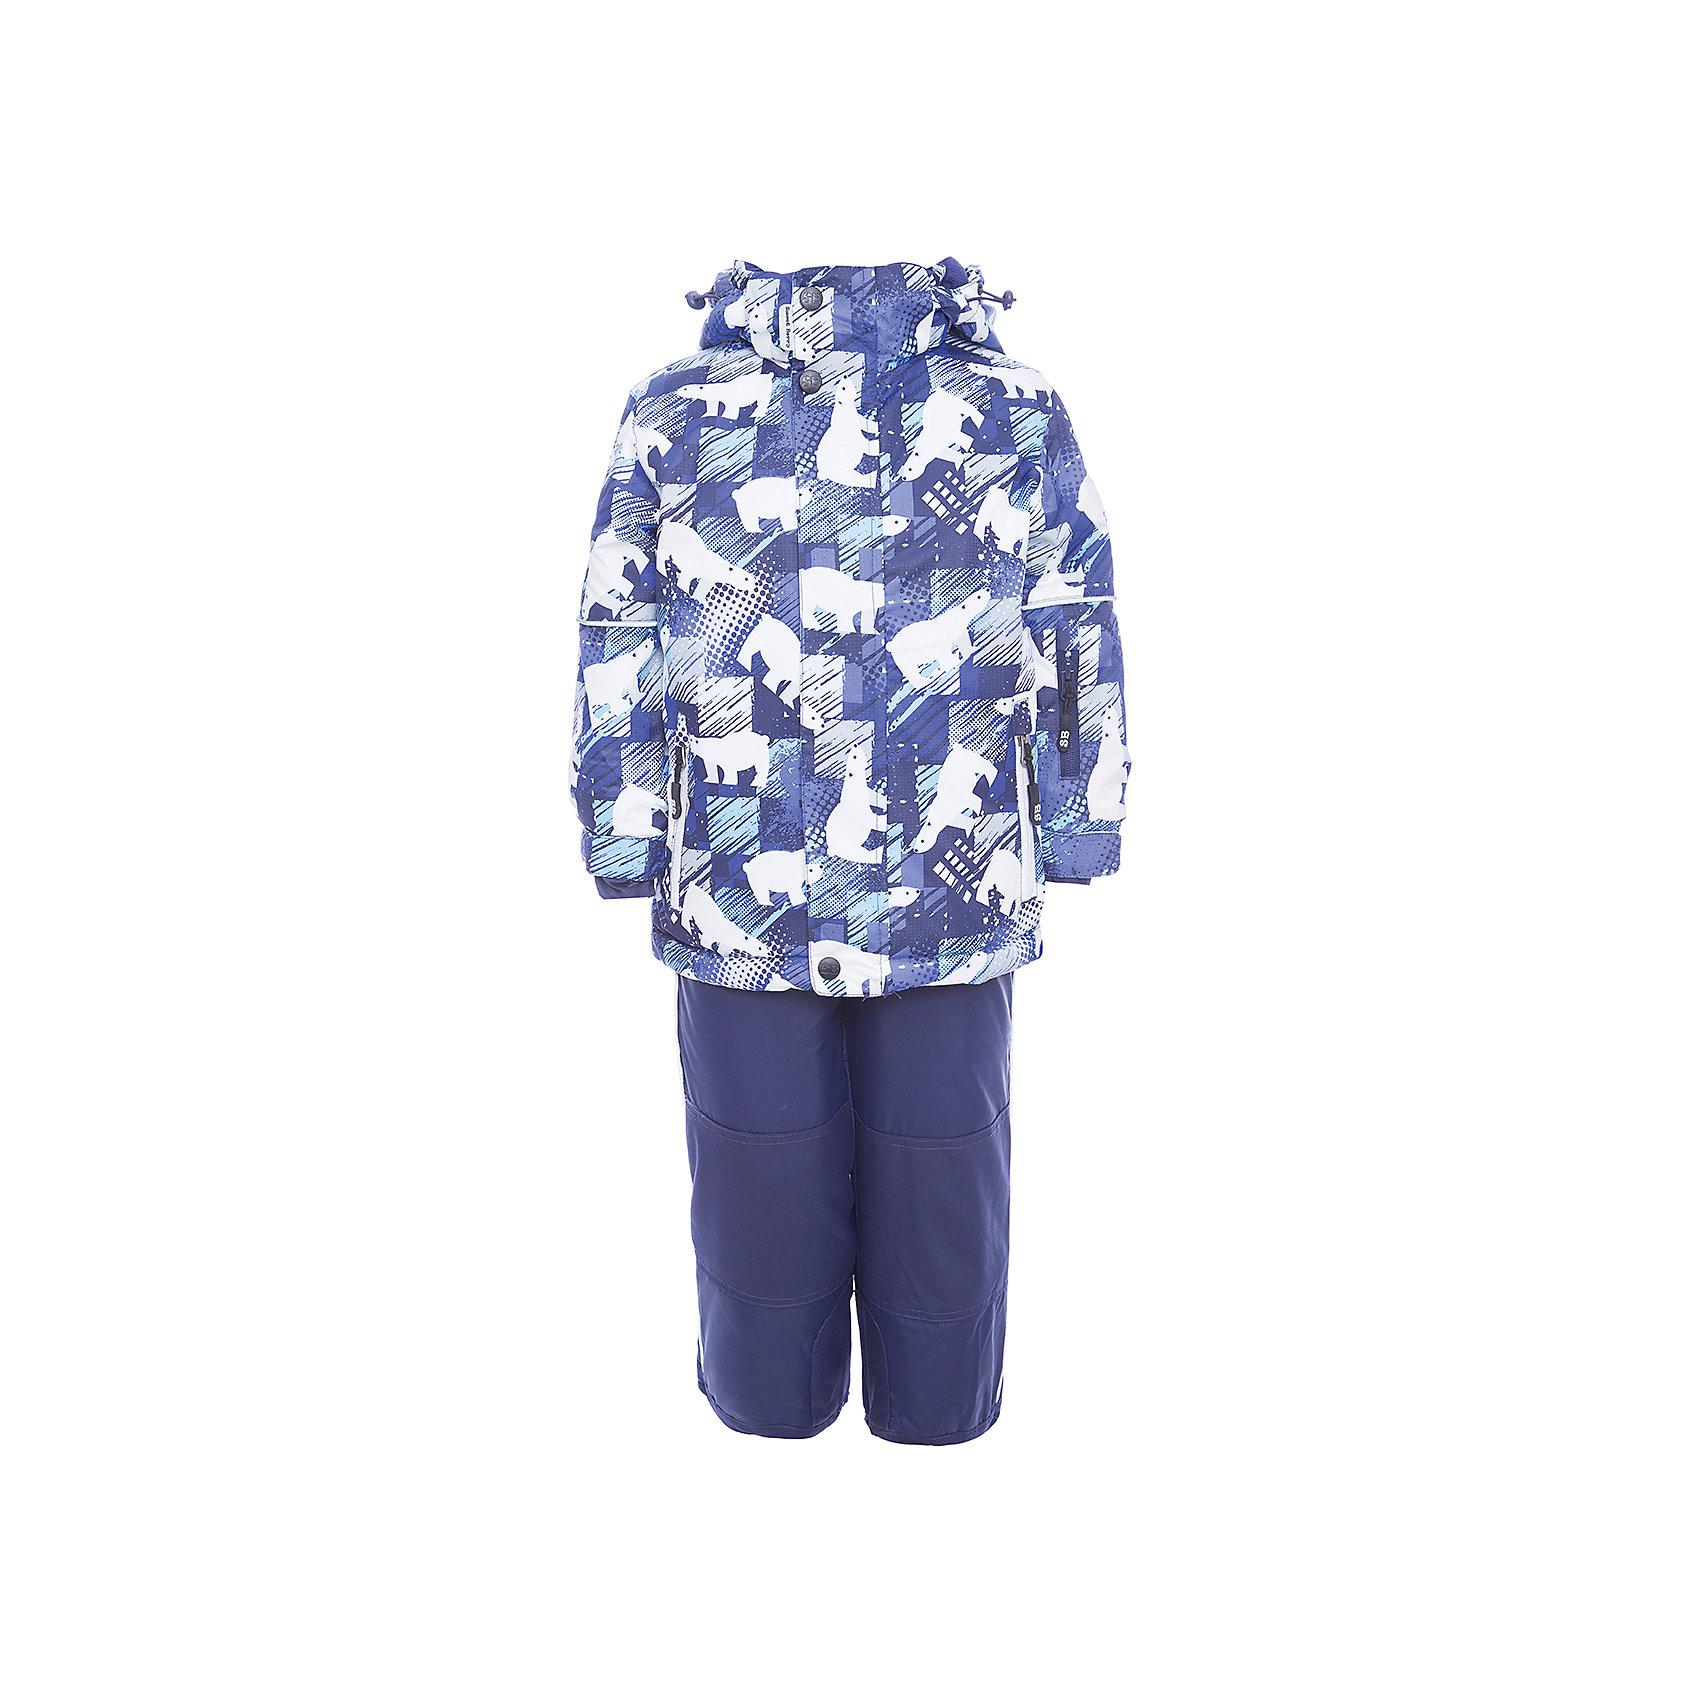 Комплект: куртка и полукомбинезон Sweet Berry для мальчикаВерхняя одежда<br>Комплект: куртка и полукомбинезон Sweet Berry для мальчика<br>Комфортный и теплый костюм  для мальчика из мембранной ткани. В конструкции учтены физиологические особенности малыша. Съемный капюшон на молниях с дополнительной утяжкой, спереди установлены две кнопки.  Рукава с манжетами, регулируются липучкой. На куртке два кармана, застегивающиеся на молнию. Застежка-молния с внешней ветрозащитной планкой. Брюки на регулируемых подтяжках гарантируют посадку по фигуре.  Колени, задняя поверхность бедер и низ брюк дополнительно усилены сверхпрочным материалом. Силиконовые отстегивающиеся штрипки на брючинах. Ткань верха: мембрана 5000мм/5000г/м2/24h, waterproof, водонепроницаемая с грязеотталкивающей пропиткой.<br>Пoдкладка: флис<br>Утеплитель: синтетический утеплитель 220 г/м? (куртка),<br>180 г/м? (рукава, п/комбинезон). Температурный режим: от -35 до +5 С<br>Состав:<br>Верх: куртка: 100%полиэстер, полукомбинезон:  100%нейлон.  Подкладка: 100%полиэстер. Наполнитель: 100%полиэстер<br><br>Ширина мм: 356<br>Глубина мм: 10<br>Высота мм: 245<br>Вес г: 519<br>Цвет: синий<br>Возраст от месяцев: 18<br>Возраст до месяцев: 24<br>Пол: Мужской<br>Возраст: Детский<br>Размер: 92,116,110,104,98<br>SKU: 7095633